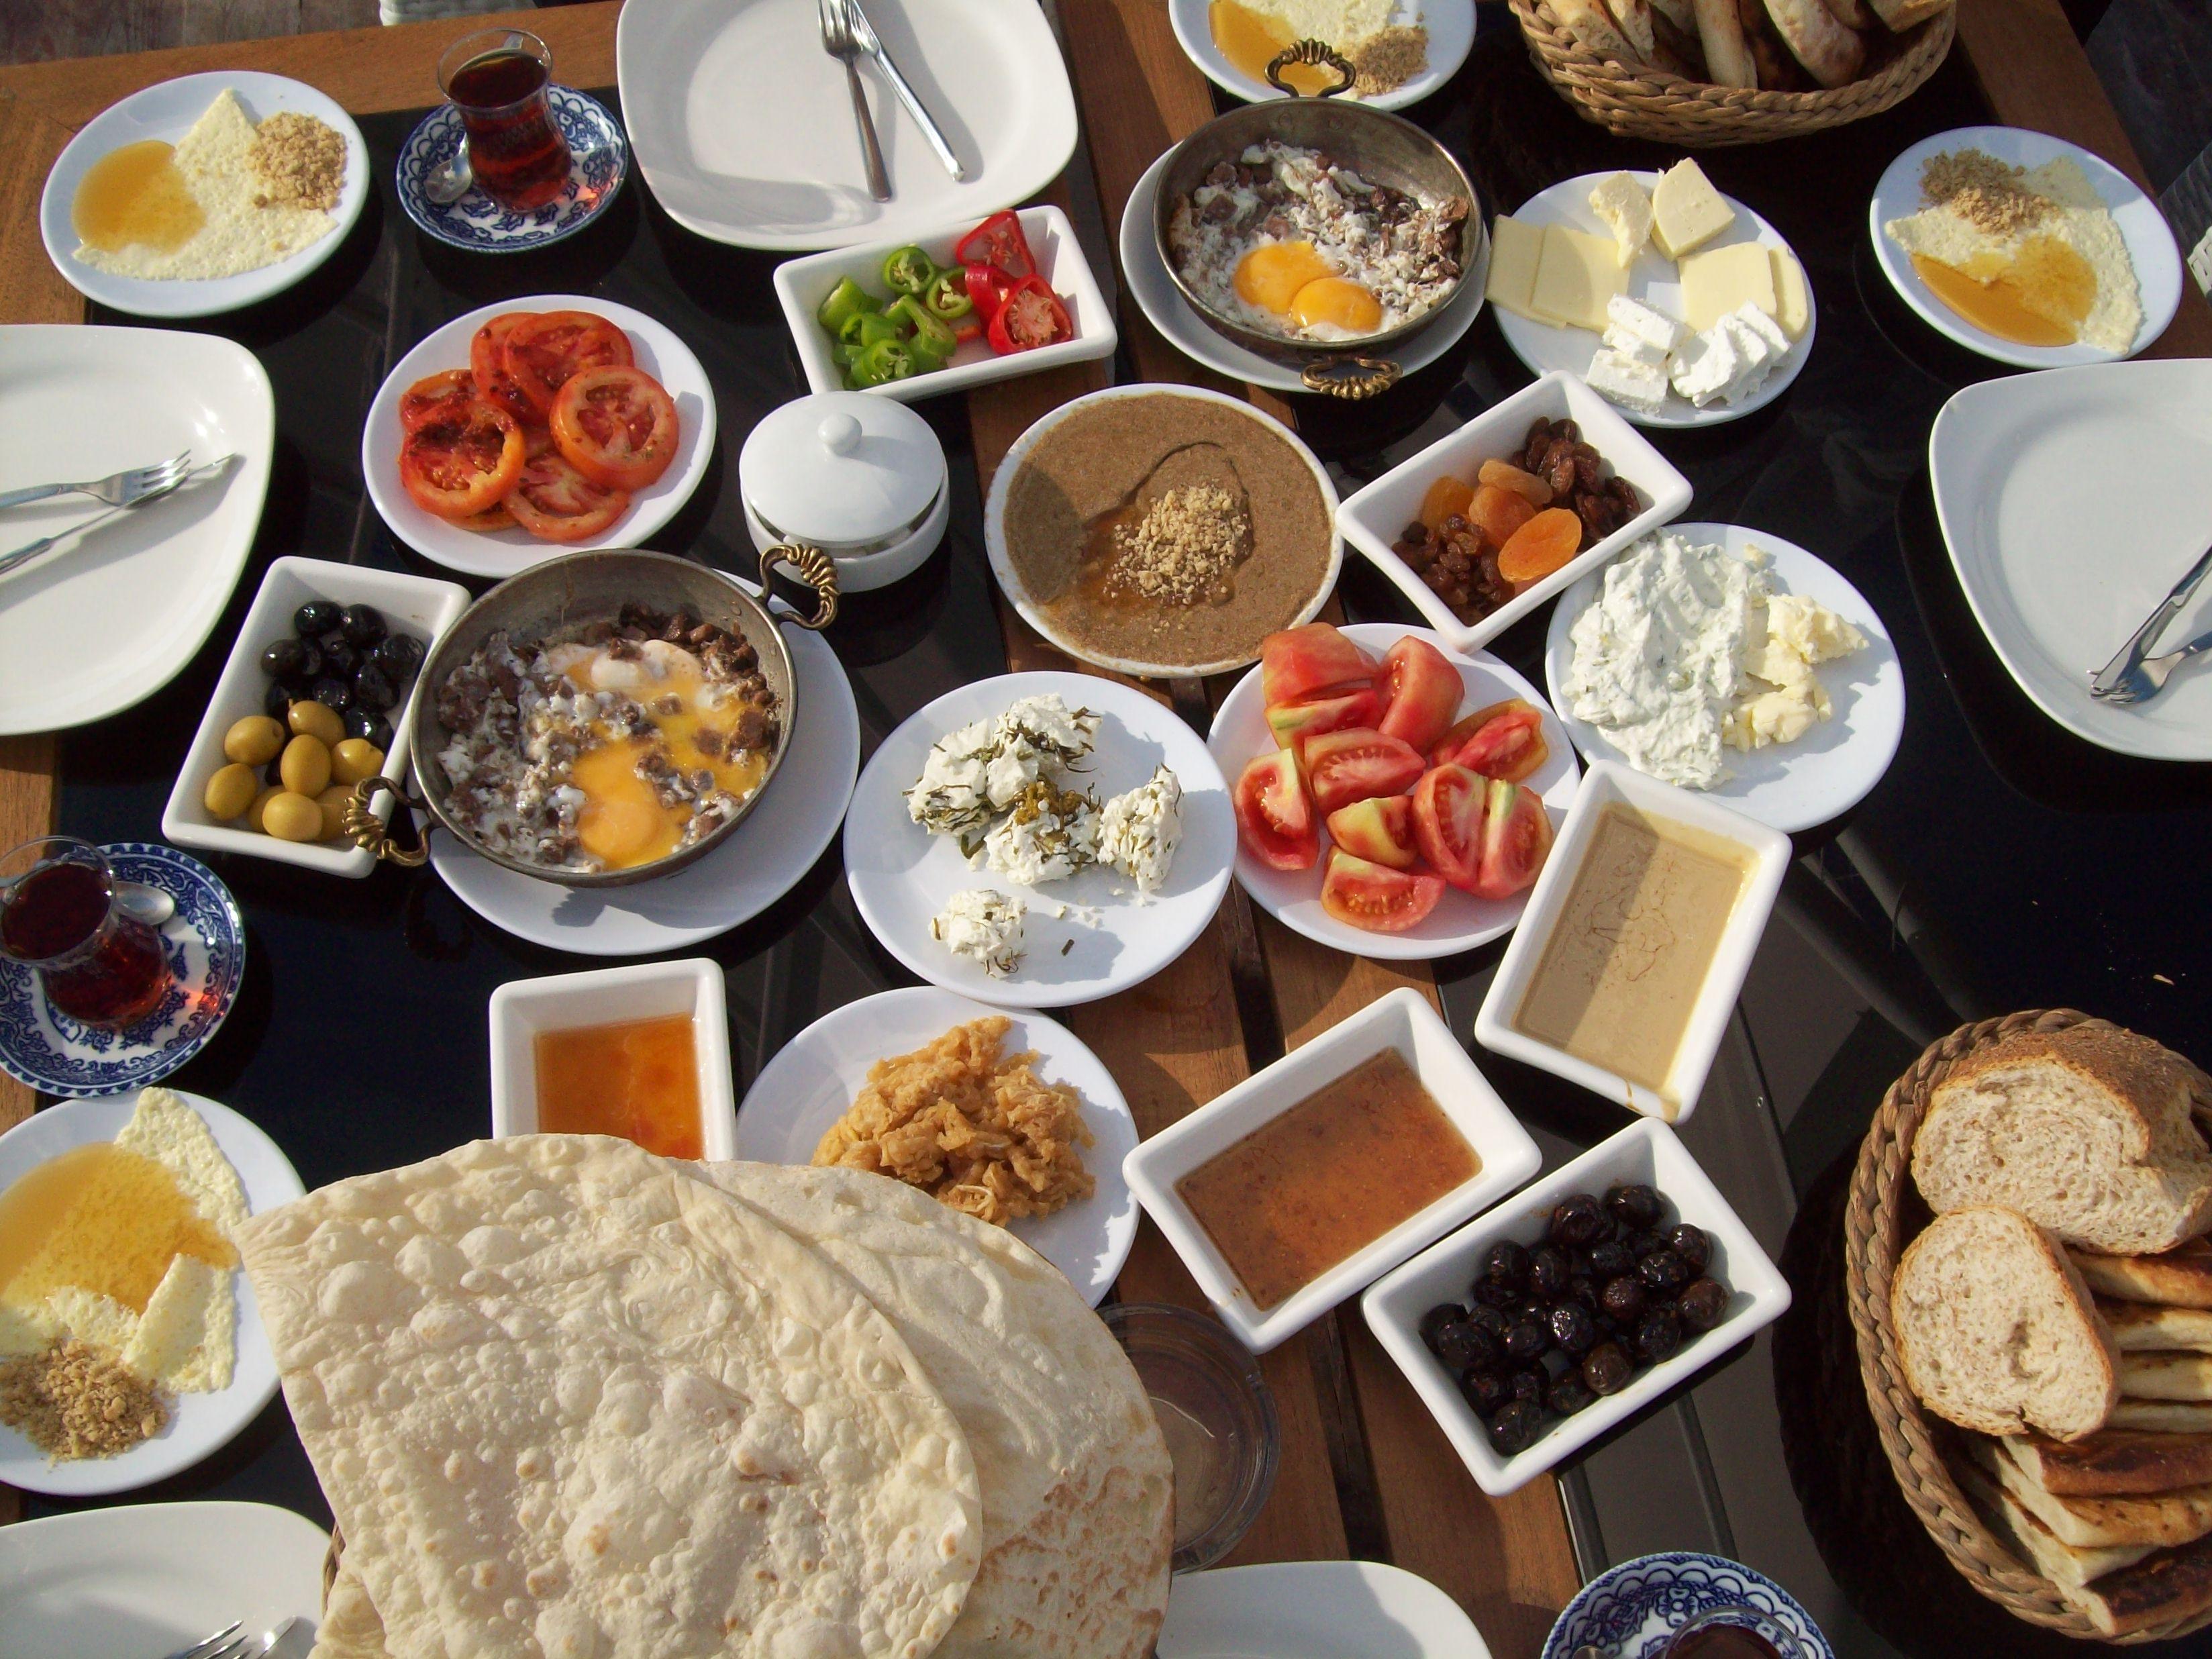 Un pranzo da sultano - Turchia in cucina